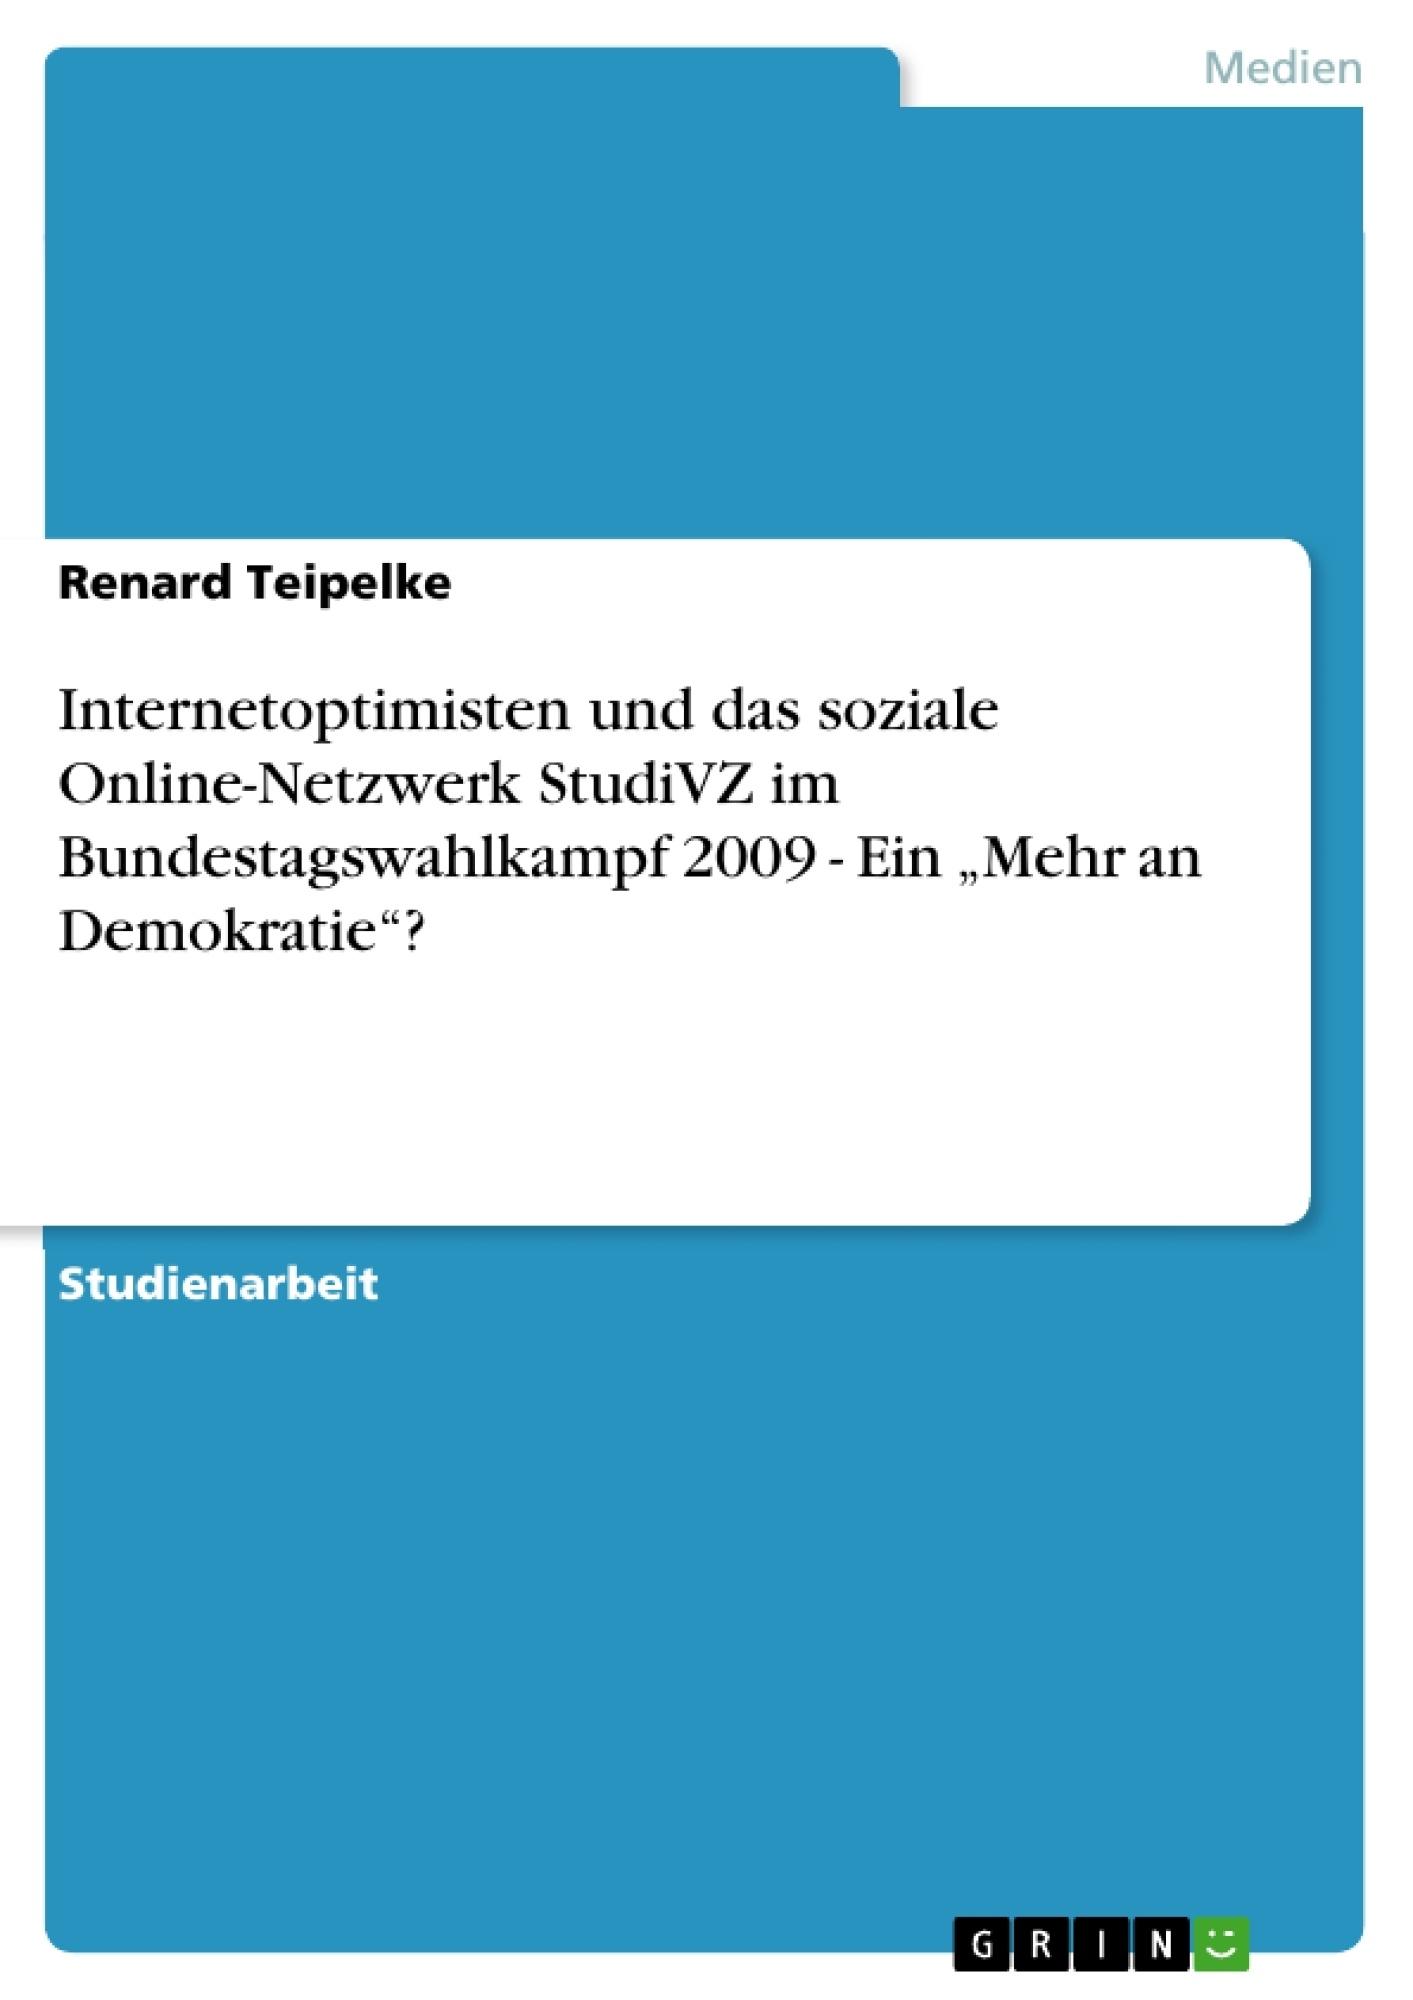 """Titel: Internetoptimisten und das soziale Online-Netzwerk StudiVZ im Bundestagswahlkampf 2009 - Ein """"Mehr an Demokratie""""?"""